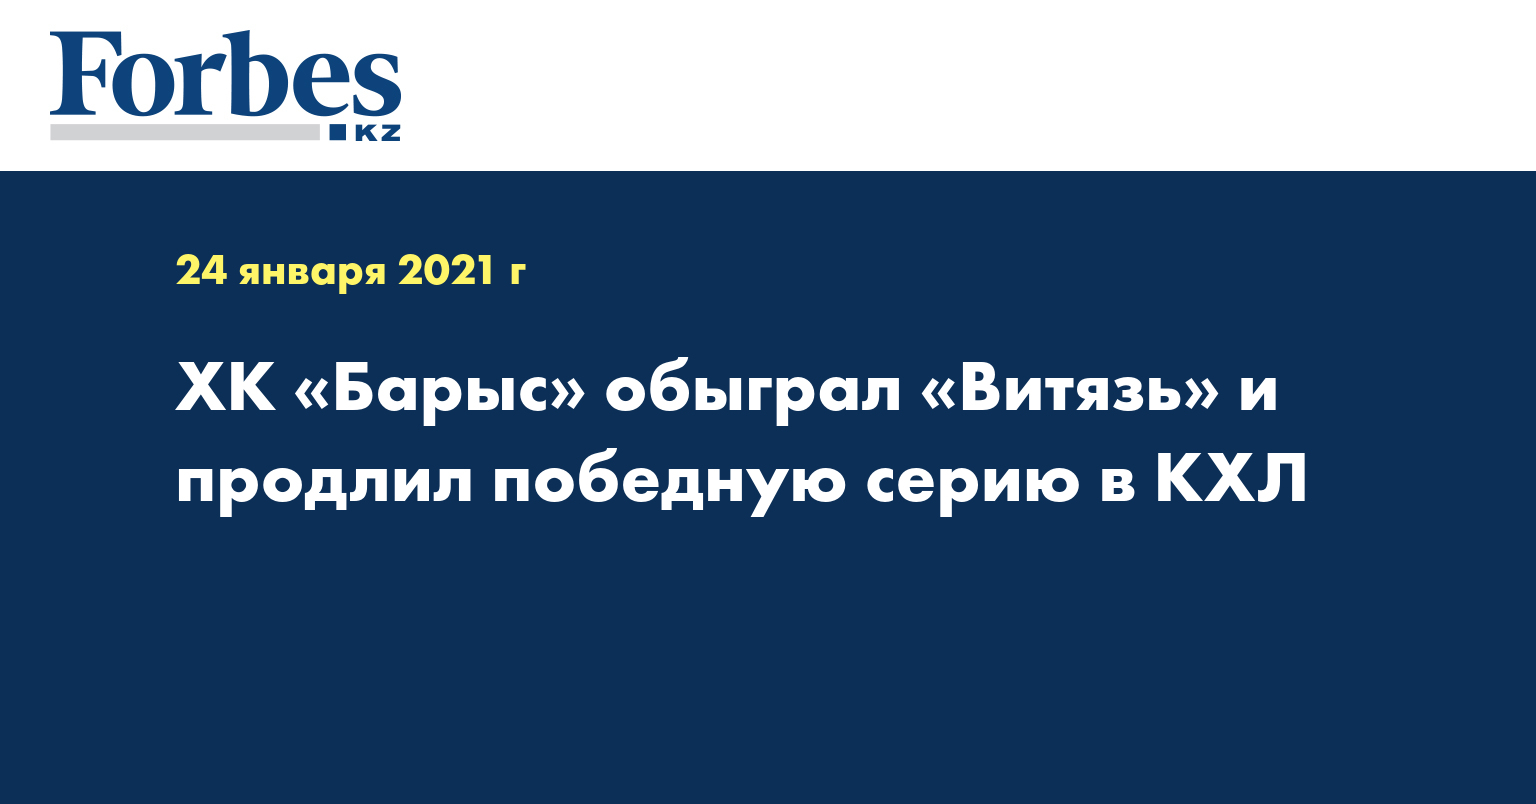 ХК «Барыс» обыграл «Витязь» и продлил победную серию в КХЛ